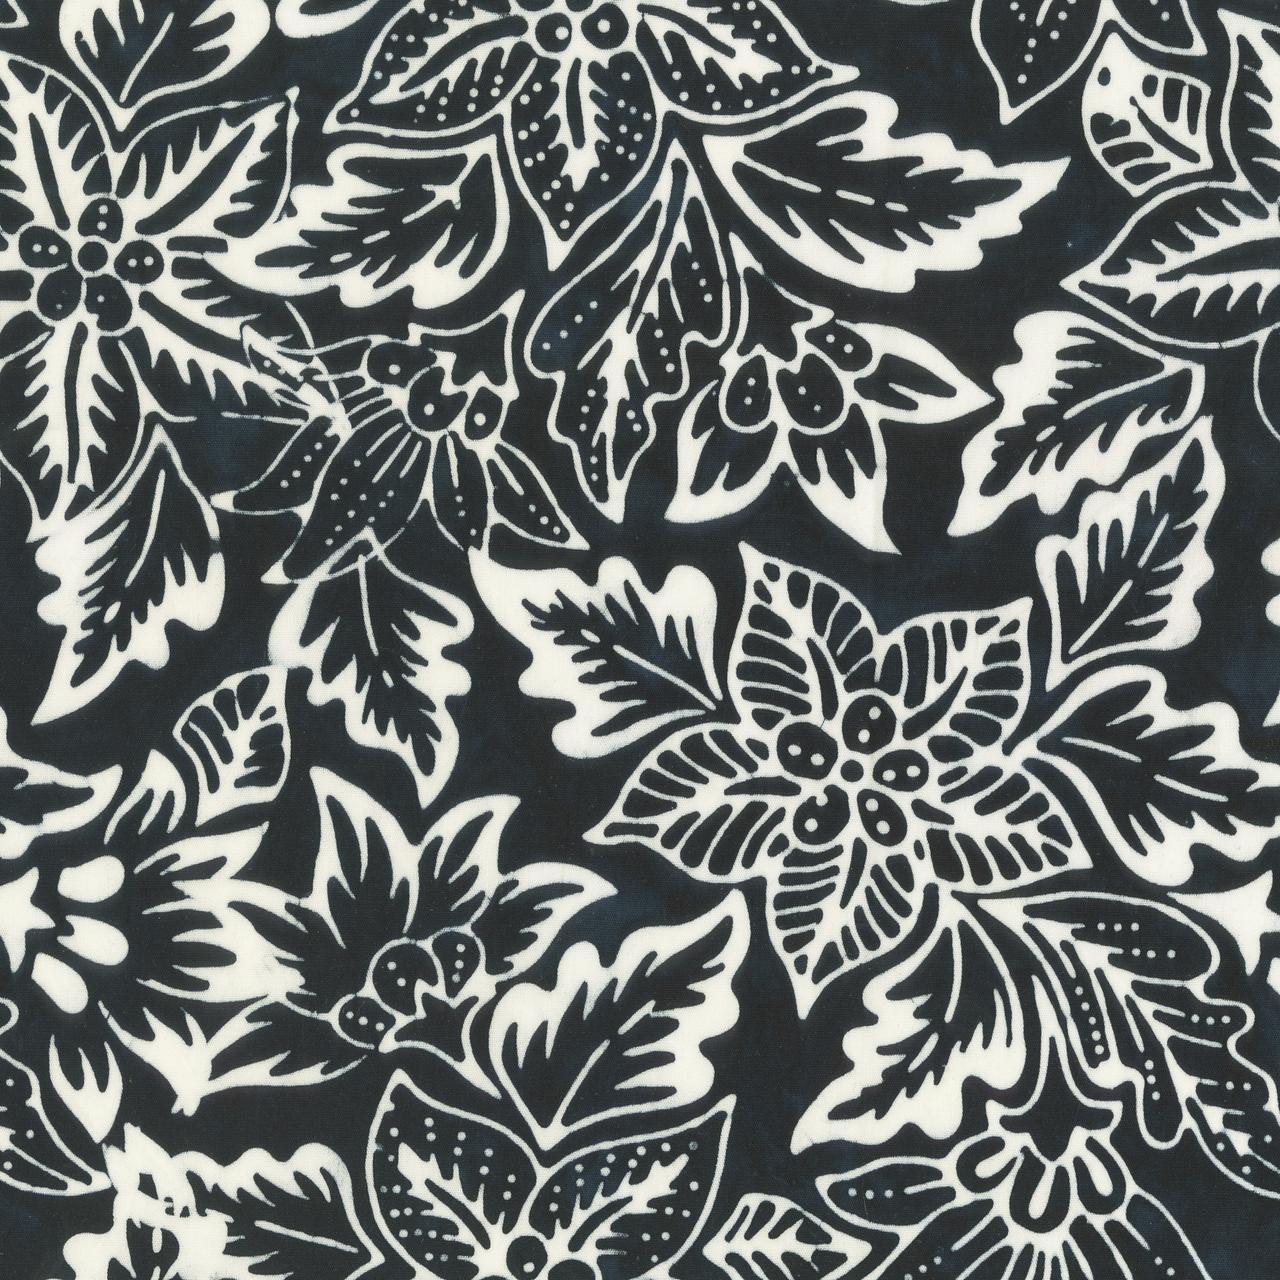 Batik b&w- Botanical